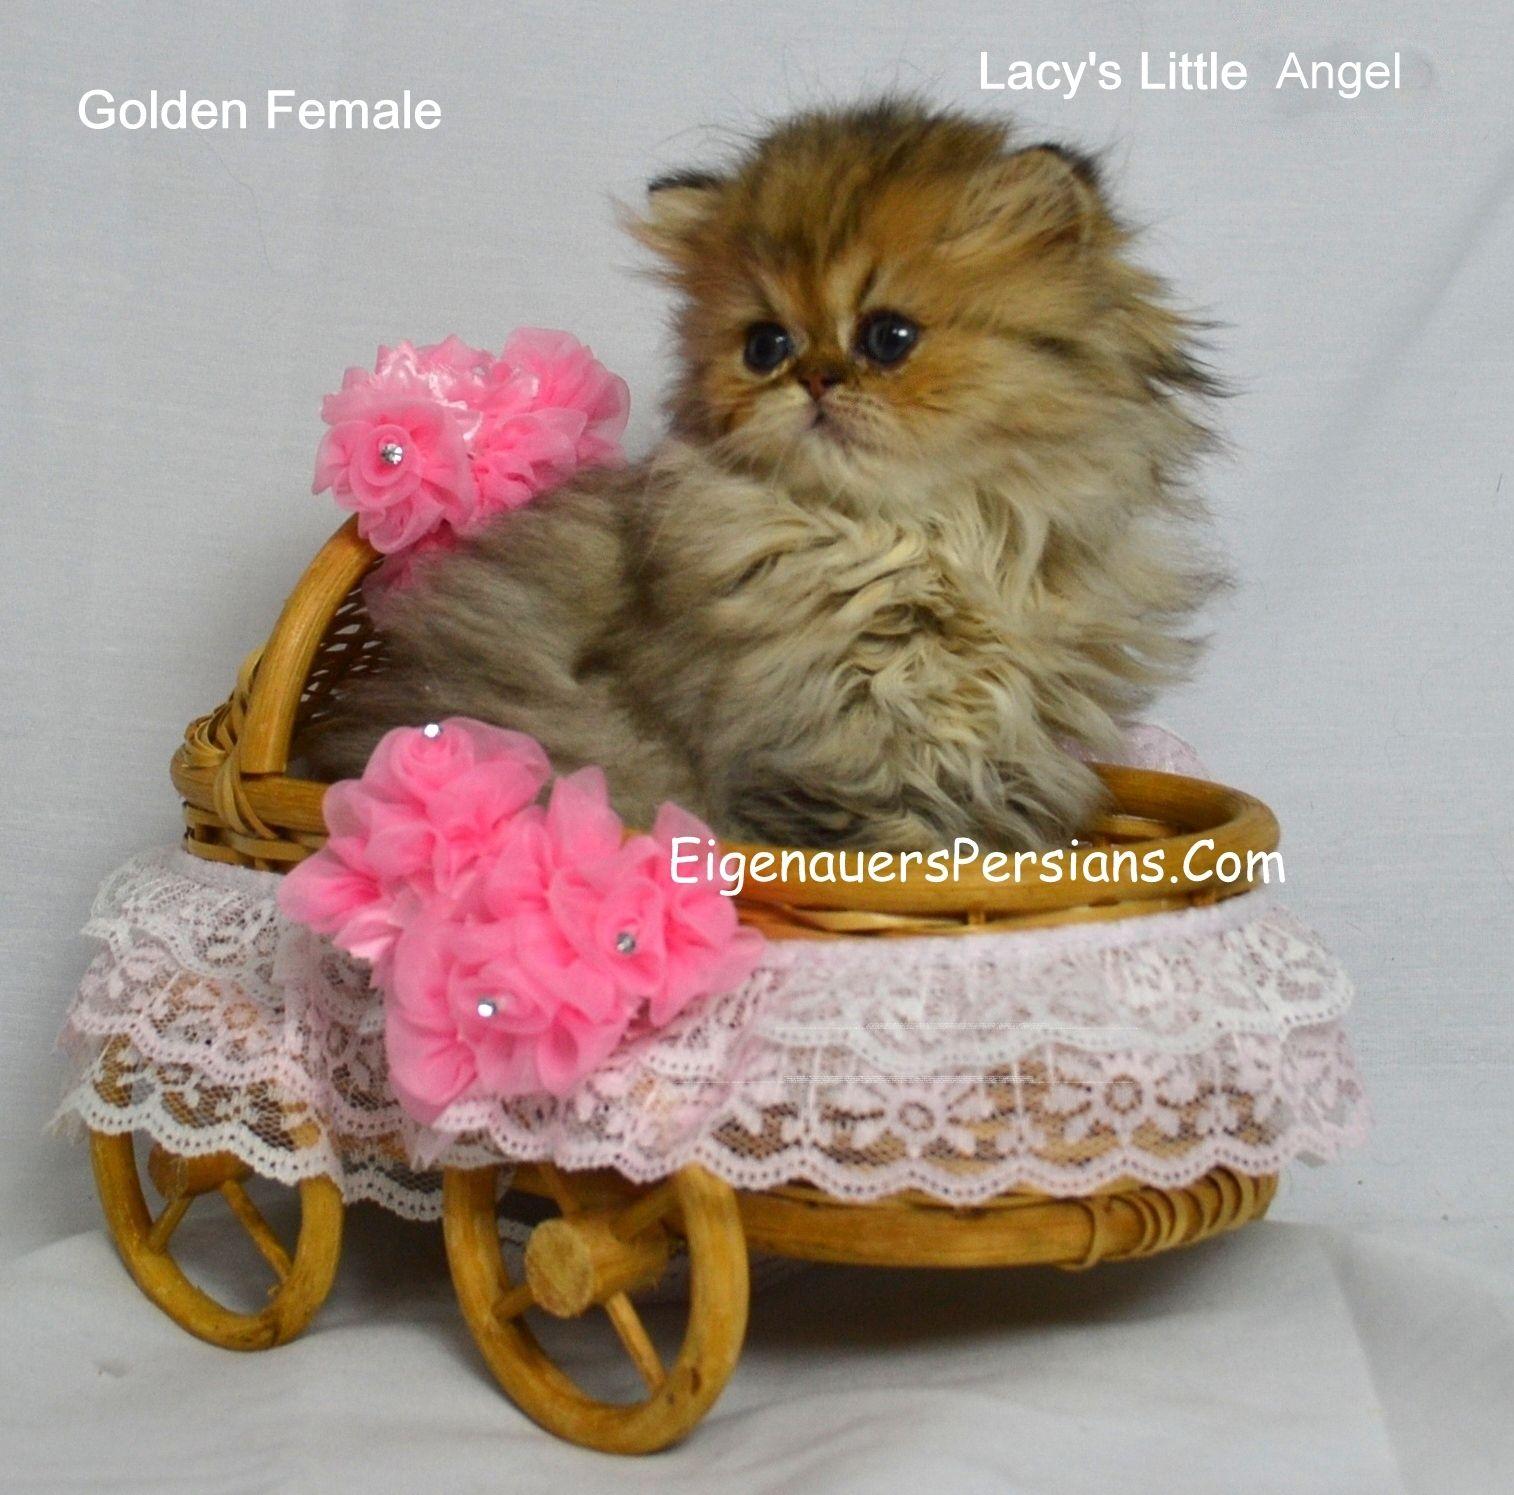 Dollface Persian Kitten Baby Persians Tea Cup Persian Kittens For Sale Persian Kittens F Persian Kittens For Sale Persian Cat Doll Face Persian Cat Breeders